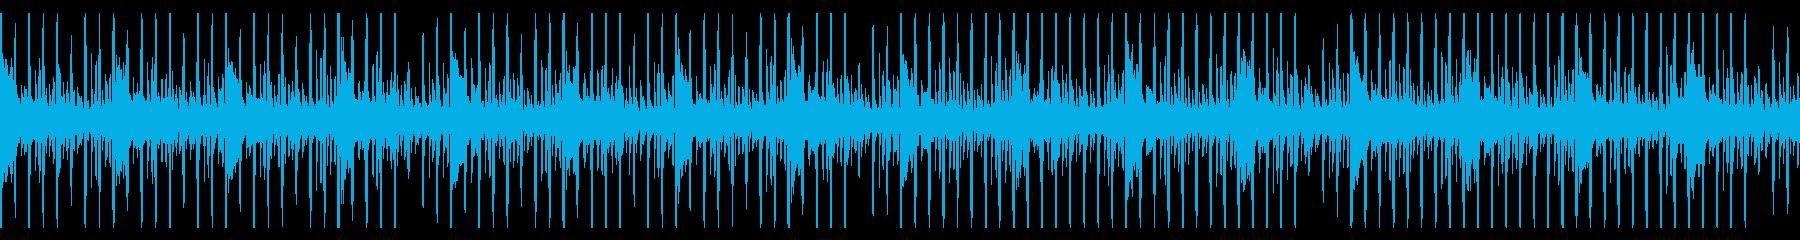 ループ仕様・ニュースヘッドラインBGM1の再生済みの波形